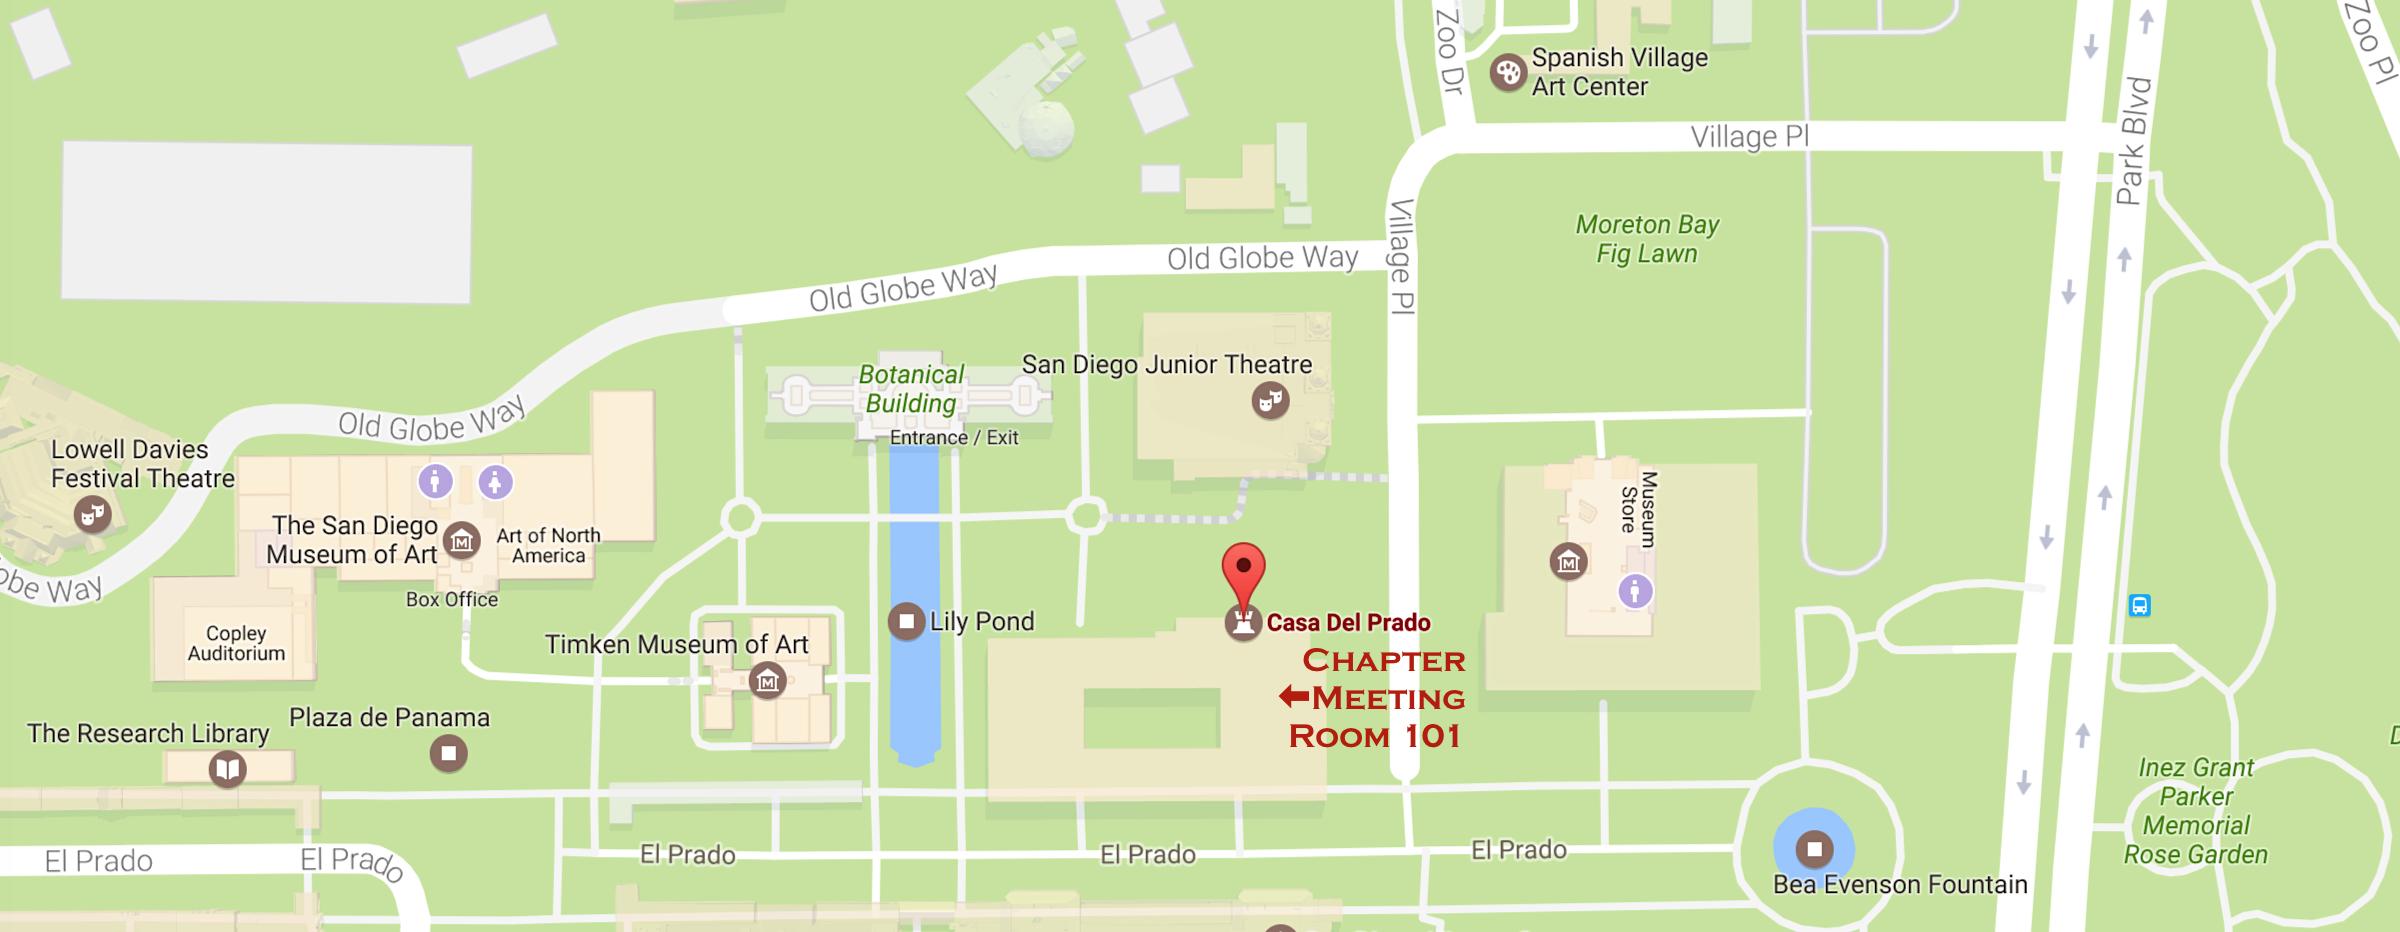 Map showing location of Casa Del Prado Room 101